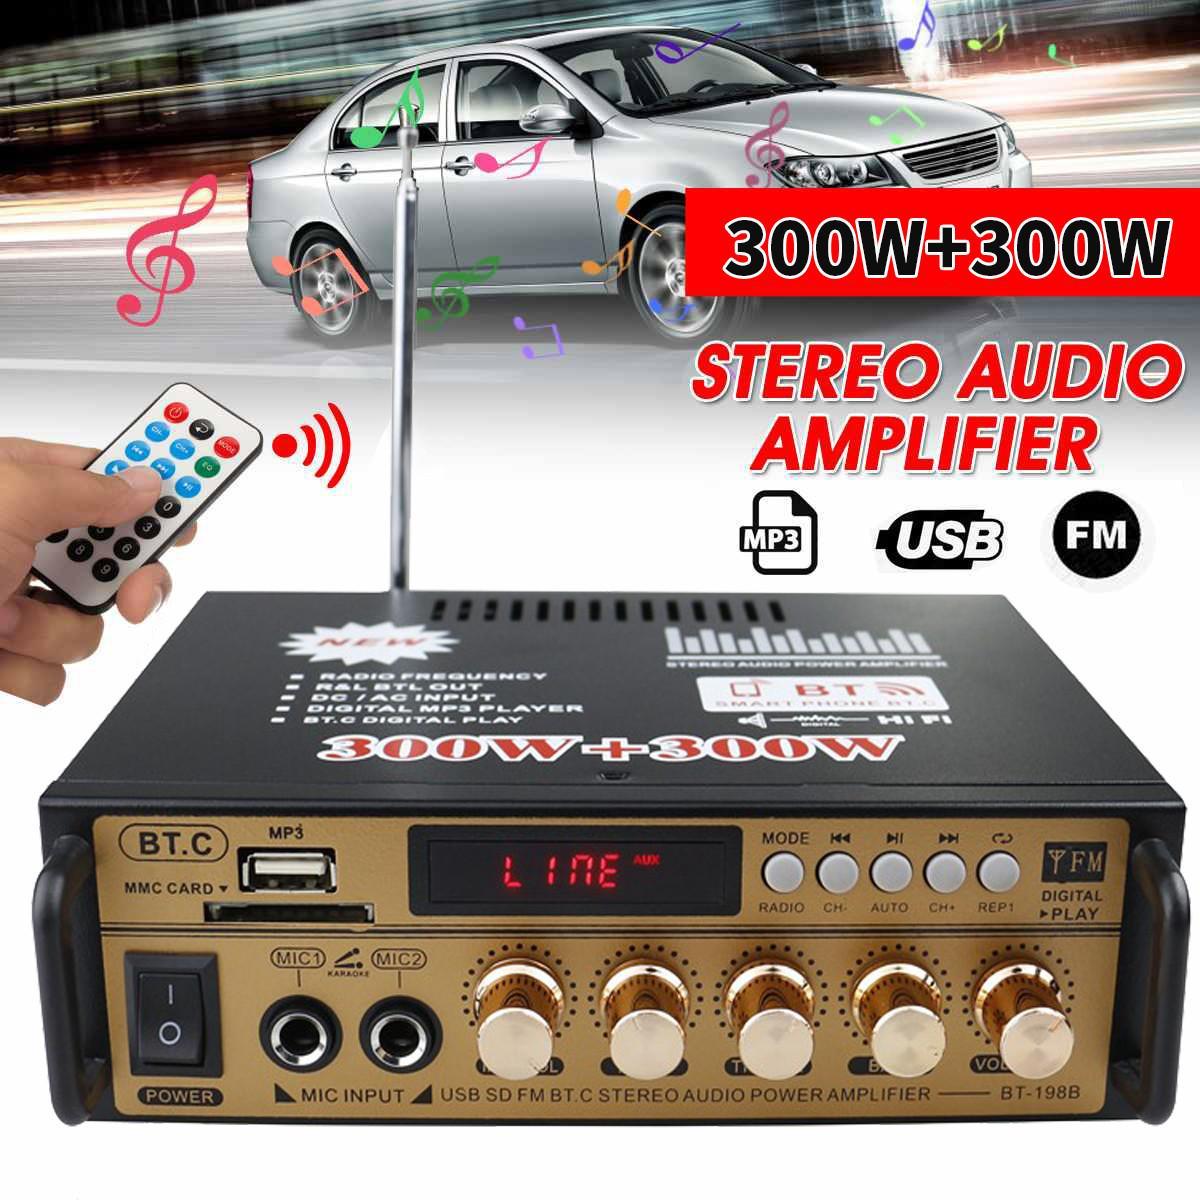 CLAITE-Amplificador de Audio estéreo de alta fidelidad para coche, dispositivo de 2...